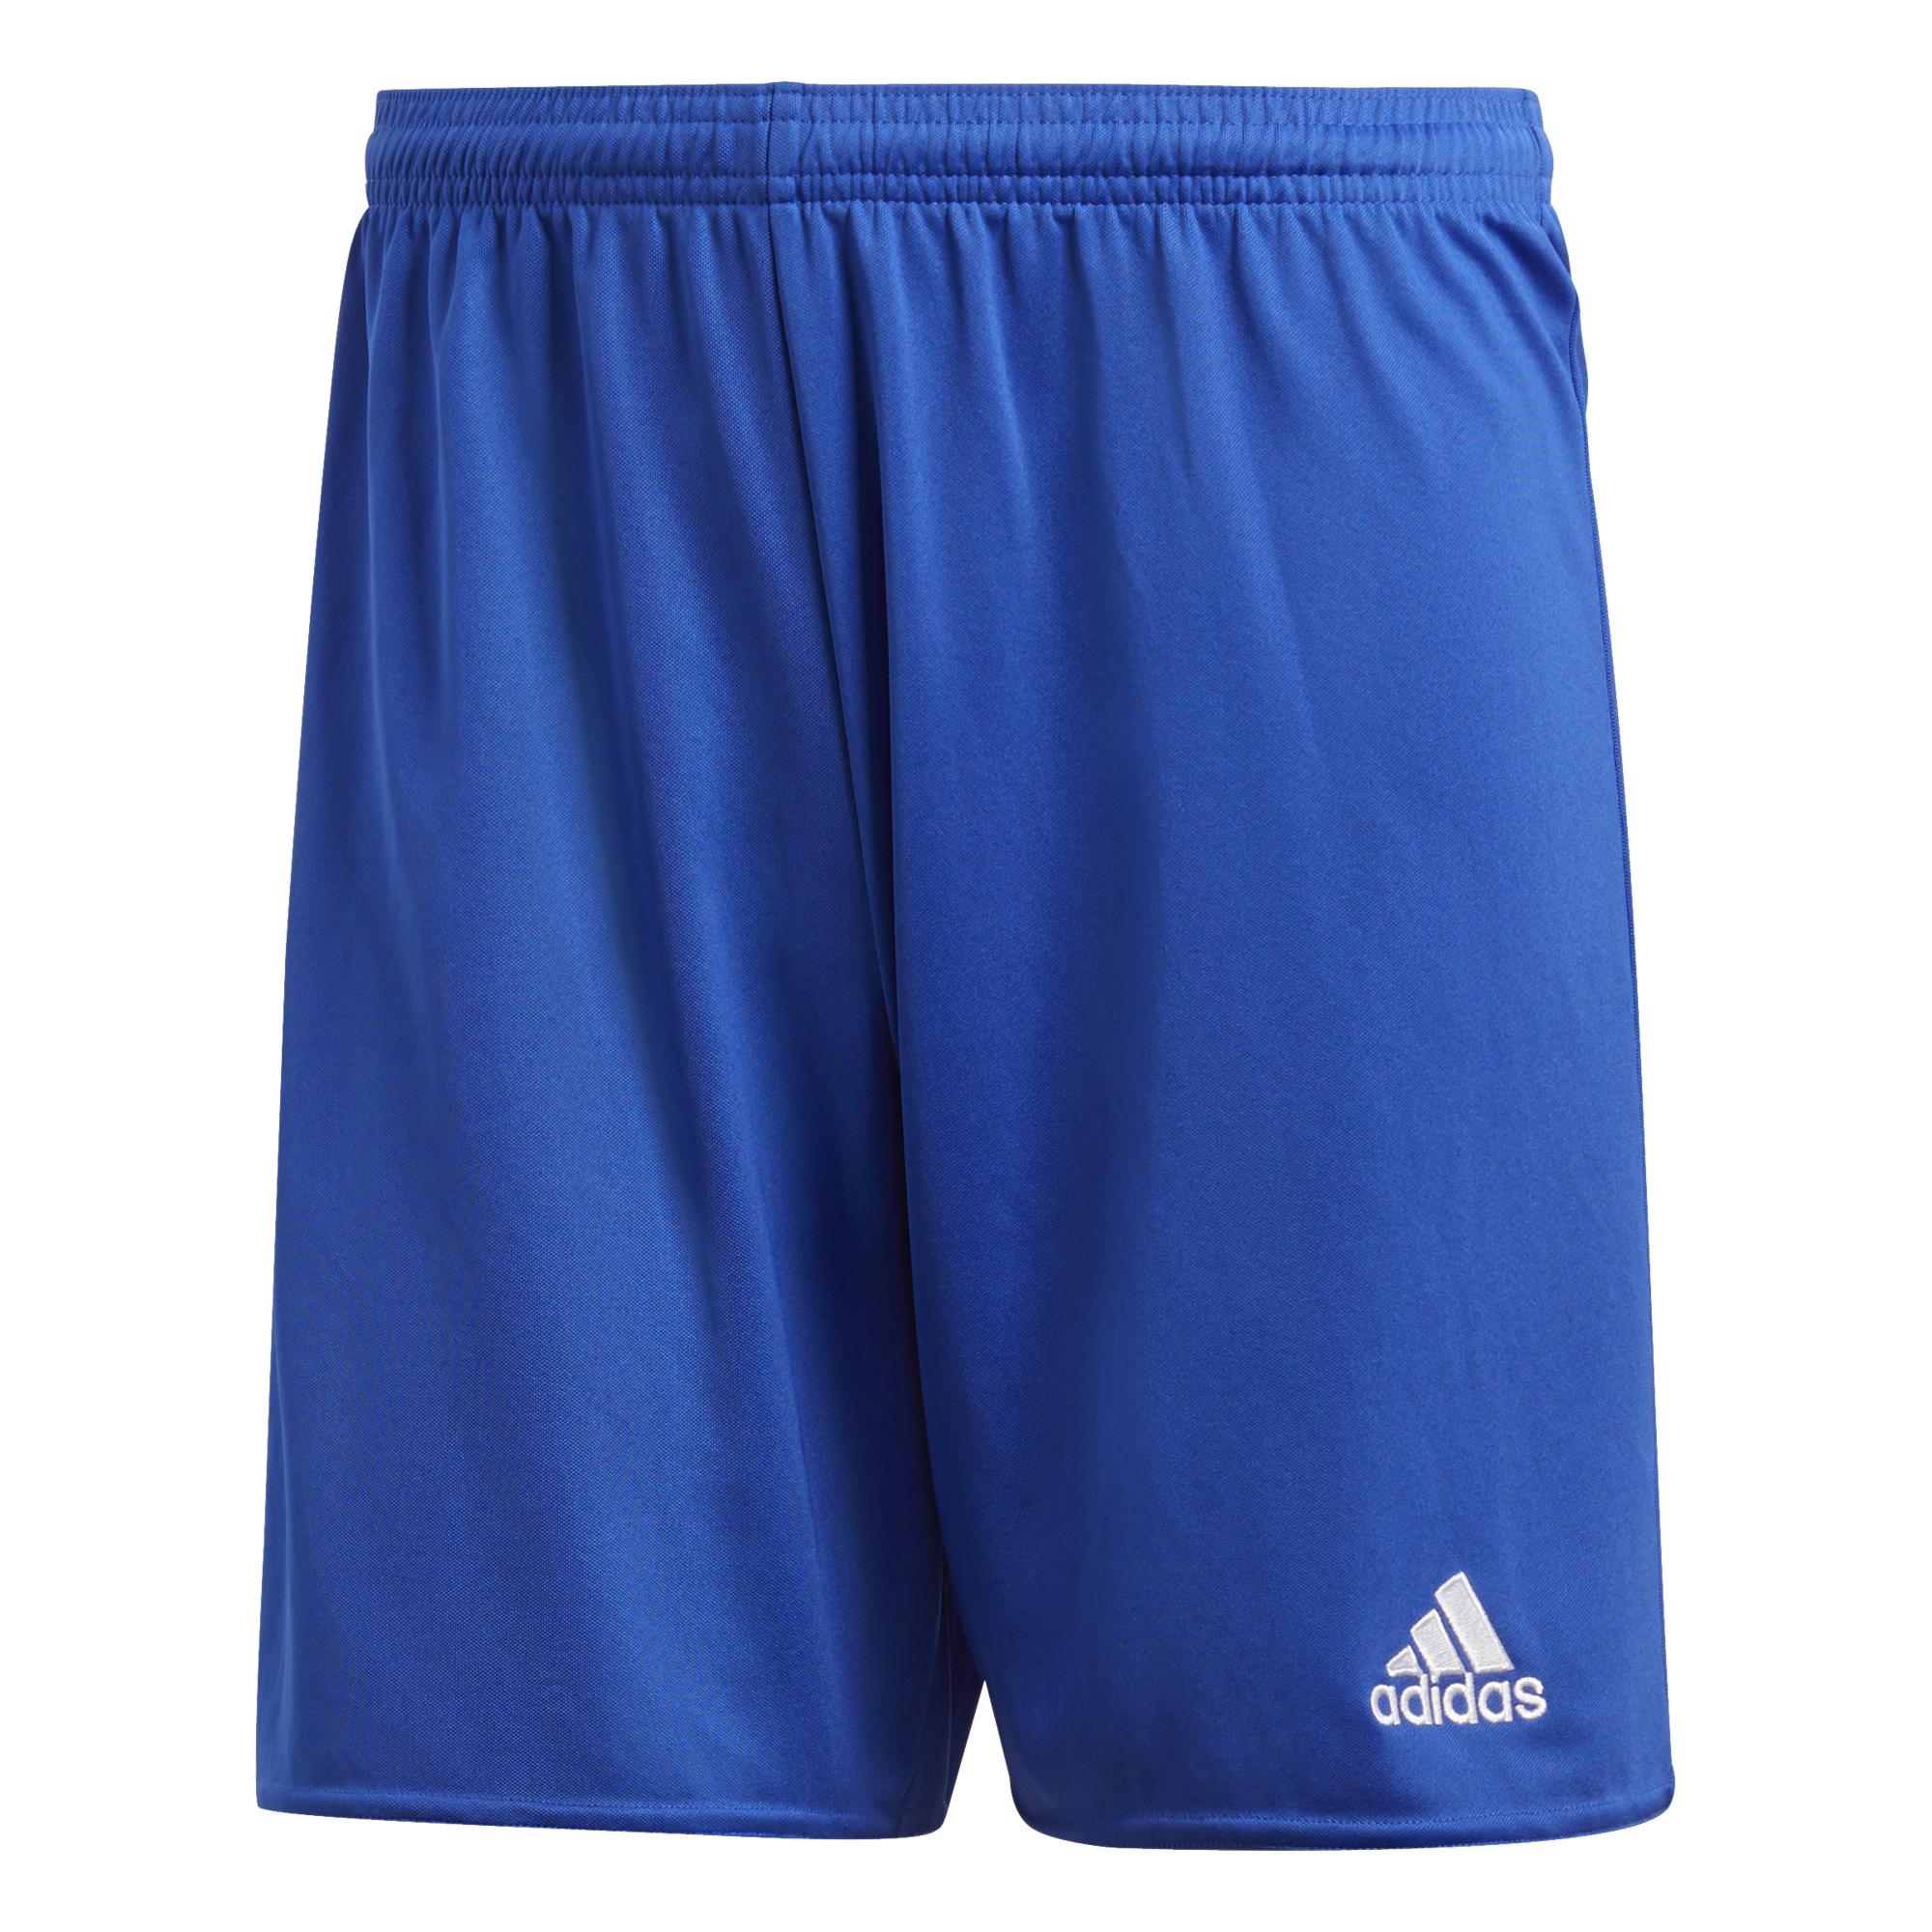 adidas shorts kinder